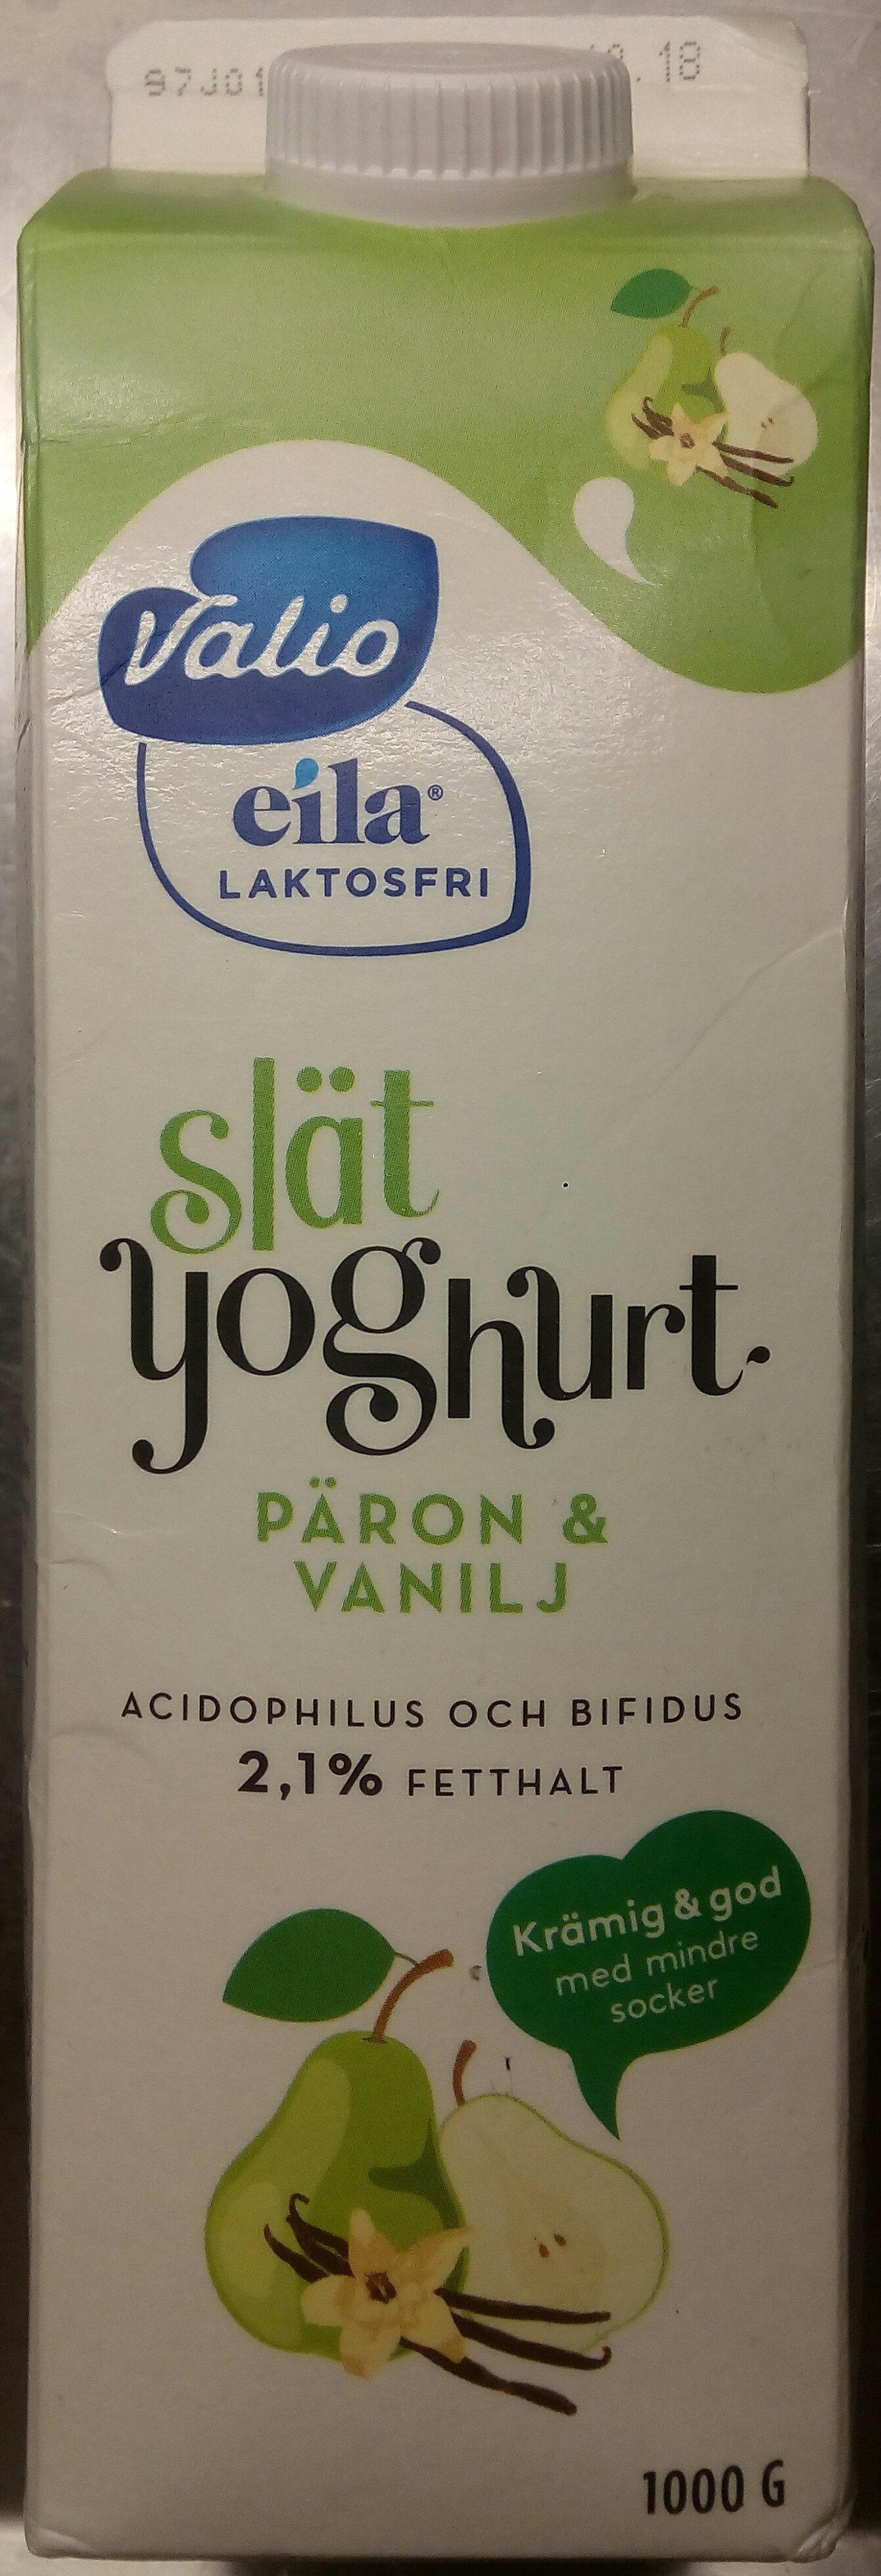 Valio Eila Slät yoghurt Päron & Vanilj - Product